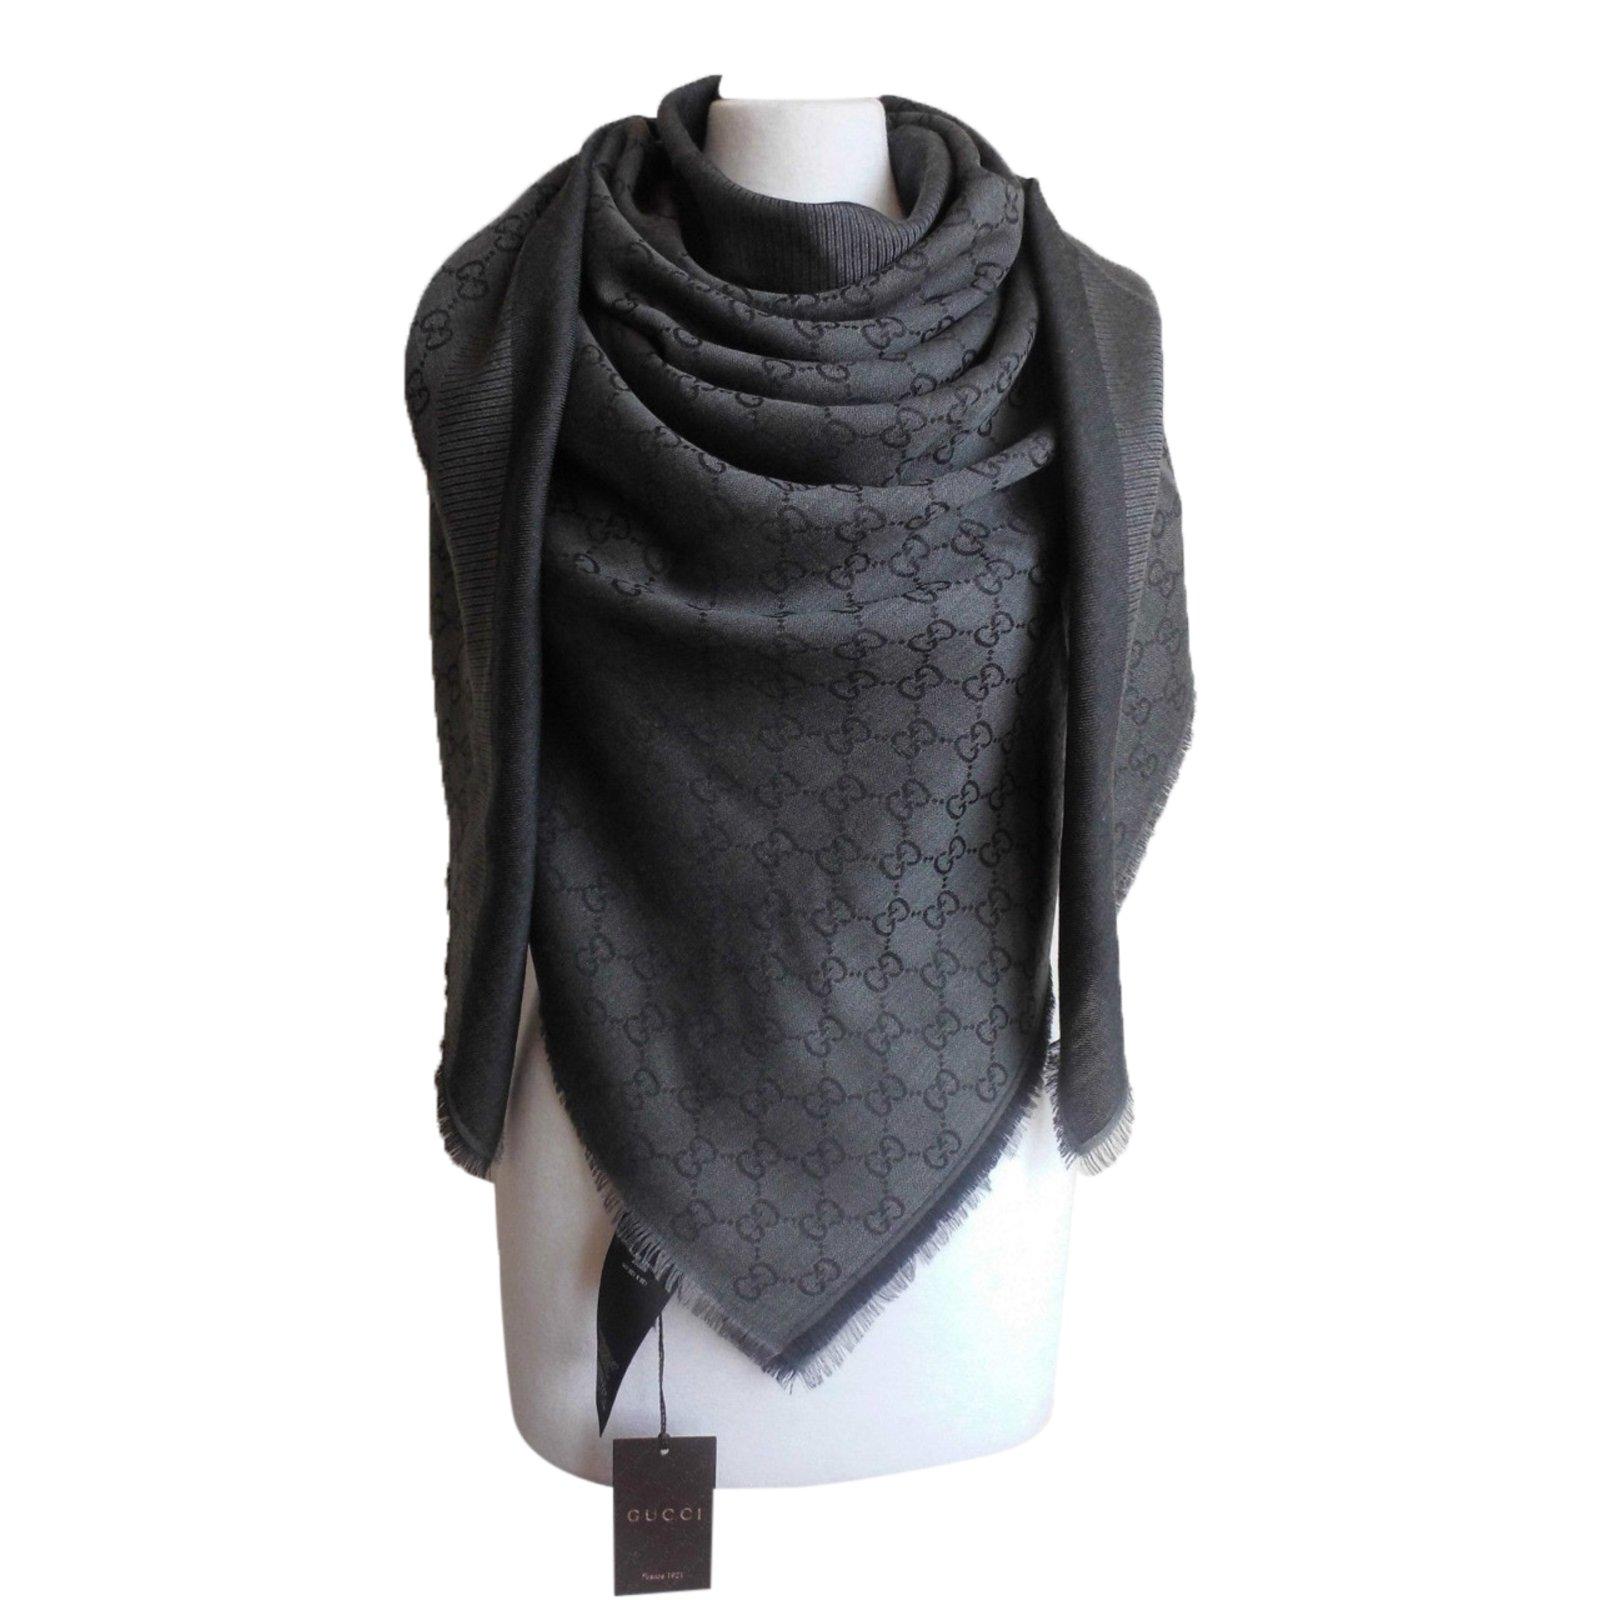 72ef4795239a Gucci scarf ggweb scarves wool grey ref joli closet jpg 1600x1600 Gucci  scarf shawl